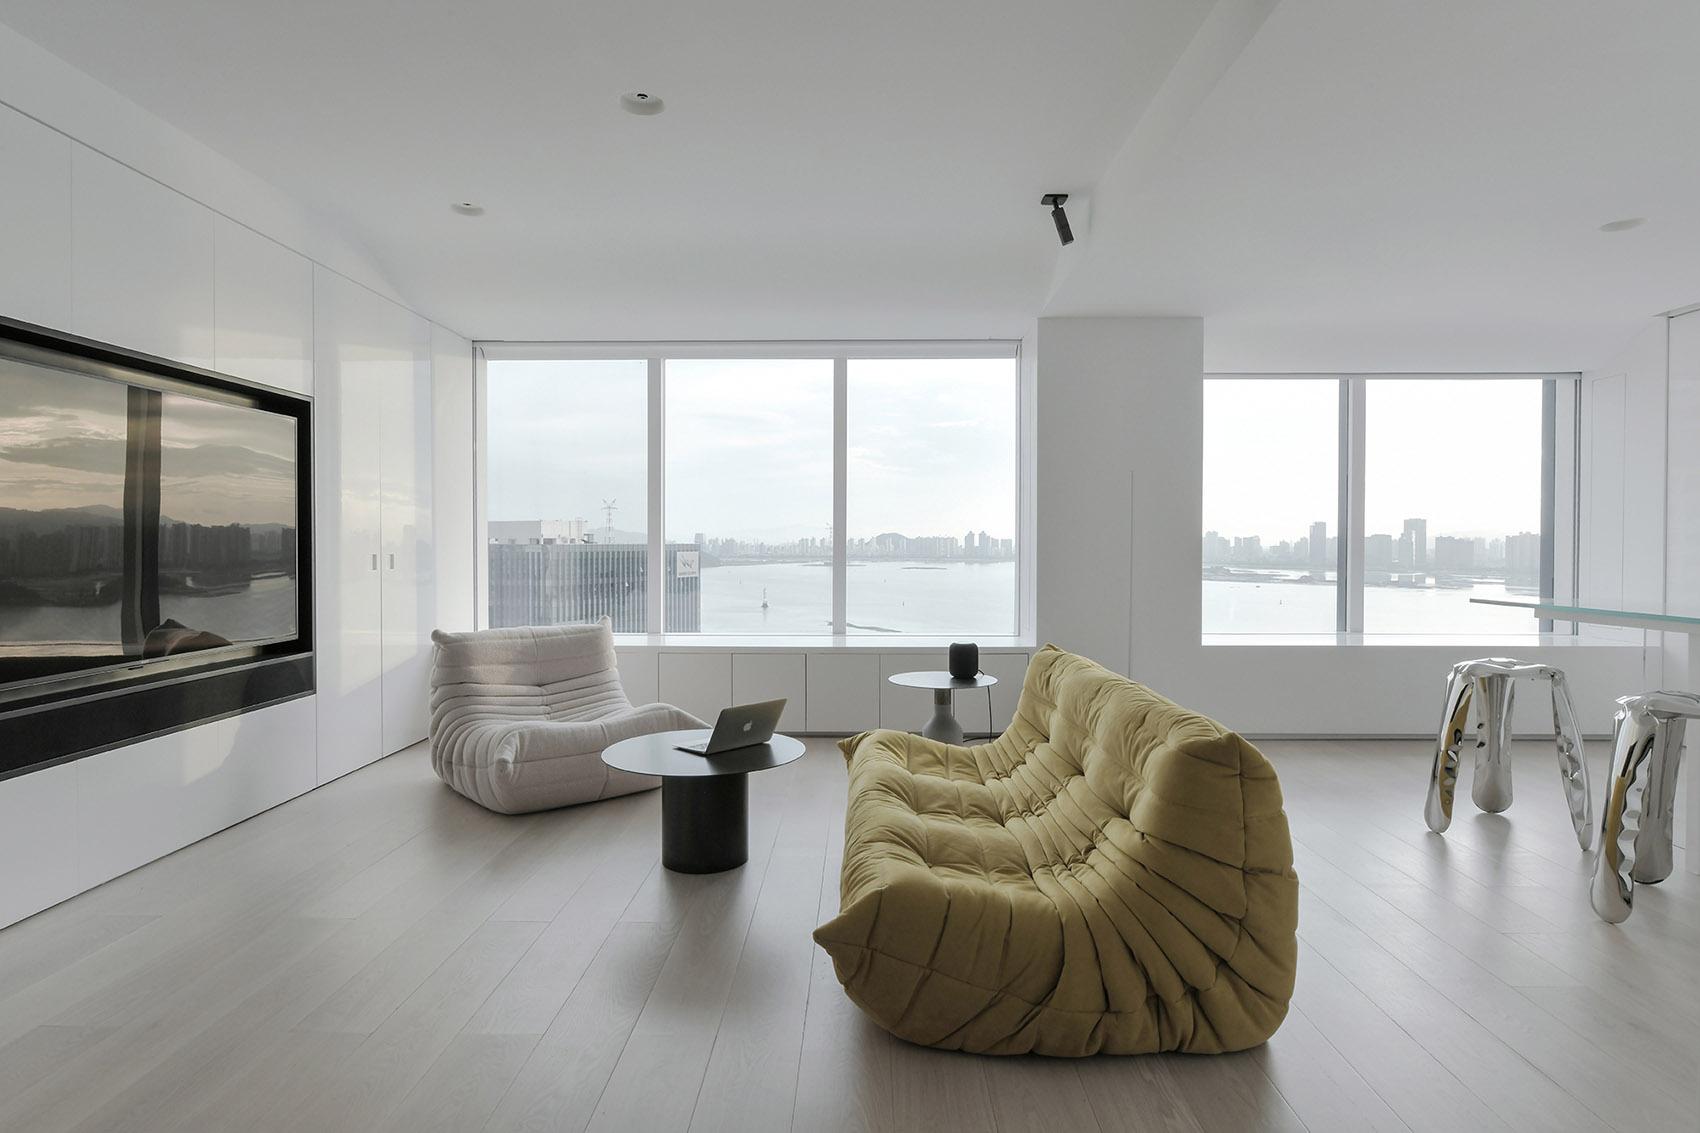 平滑的现代感,住宅设计 退化建筑/汕头室内设计/揭阳普宁室内设计